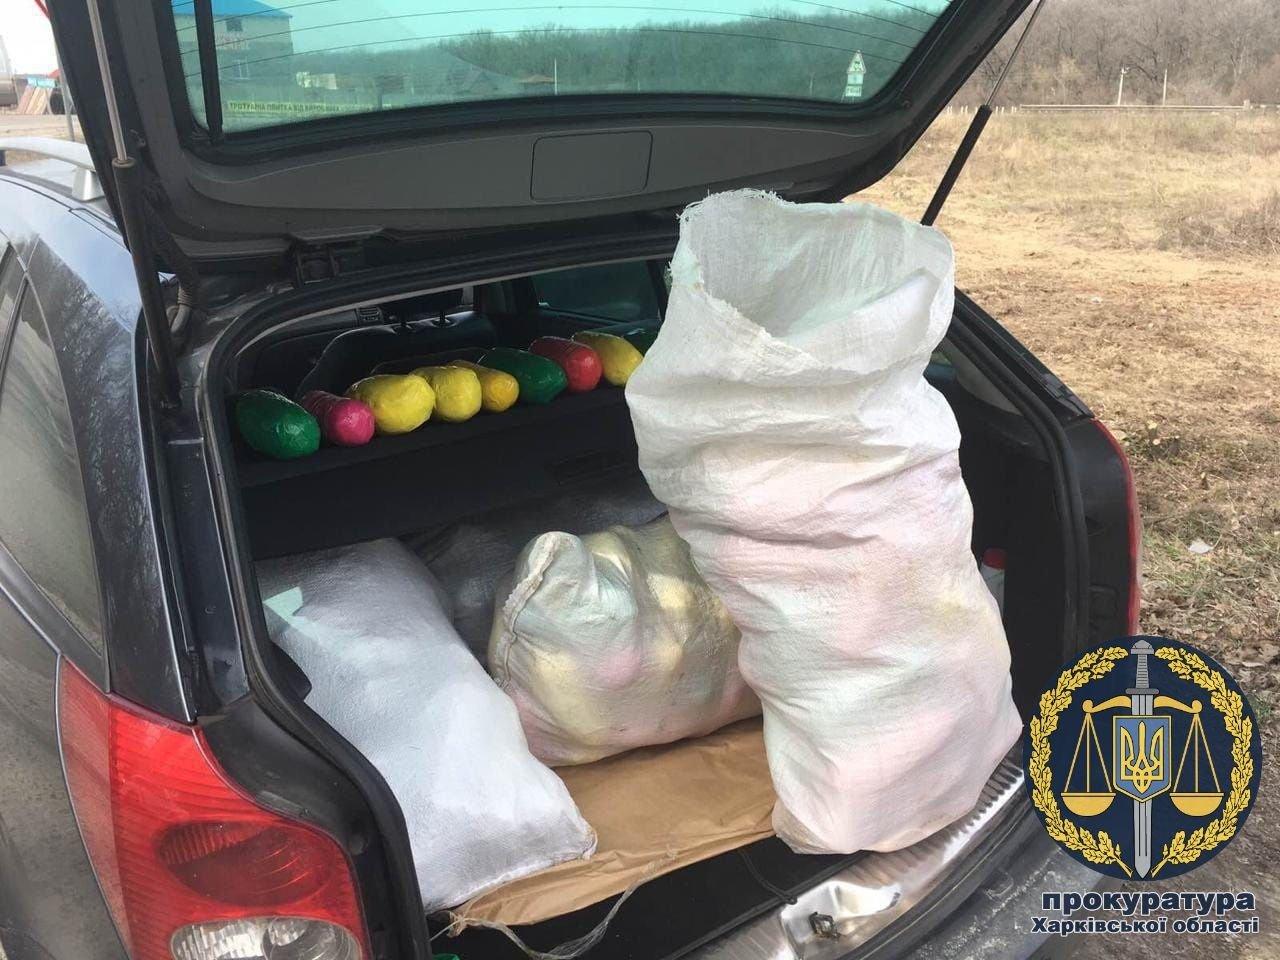 Задержан харьковчанин, который перевозил 110 кг наркотиков